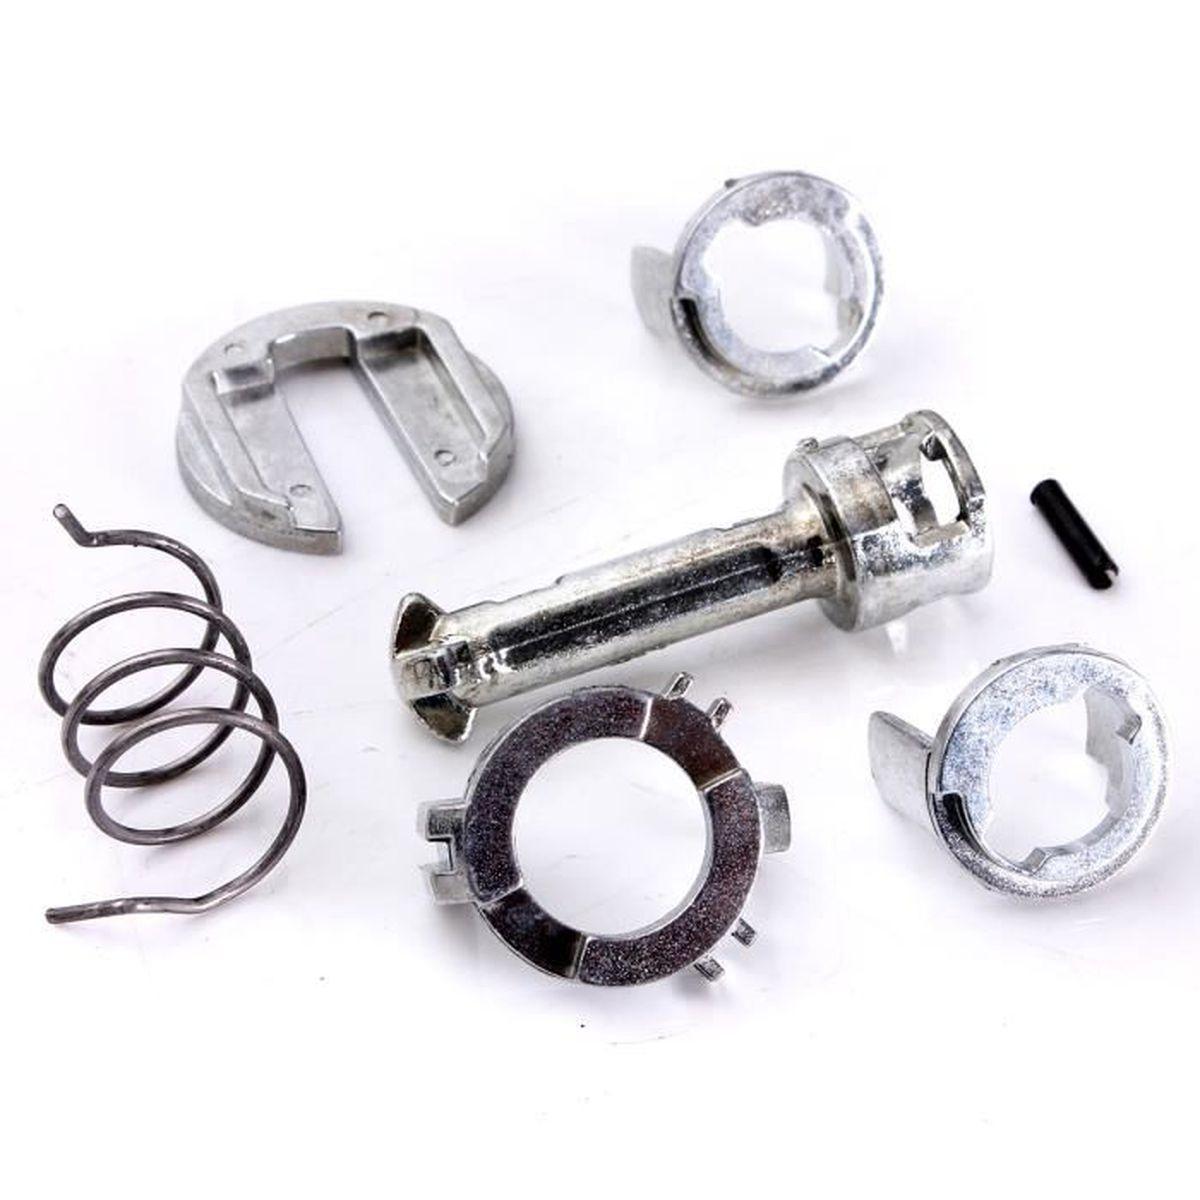 Kit de réparation serrure de porte cylindre de verrouillage pour BMW x5 e53-avant droite